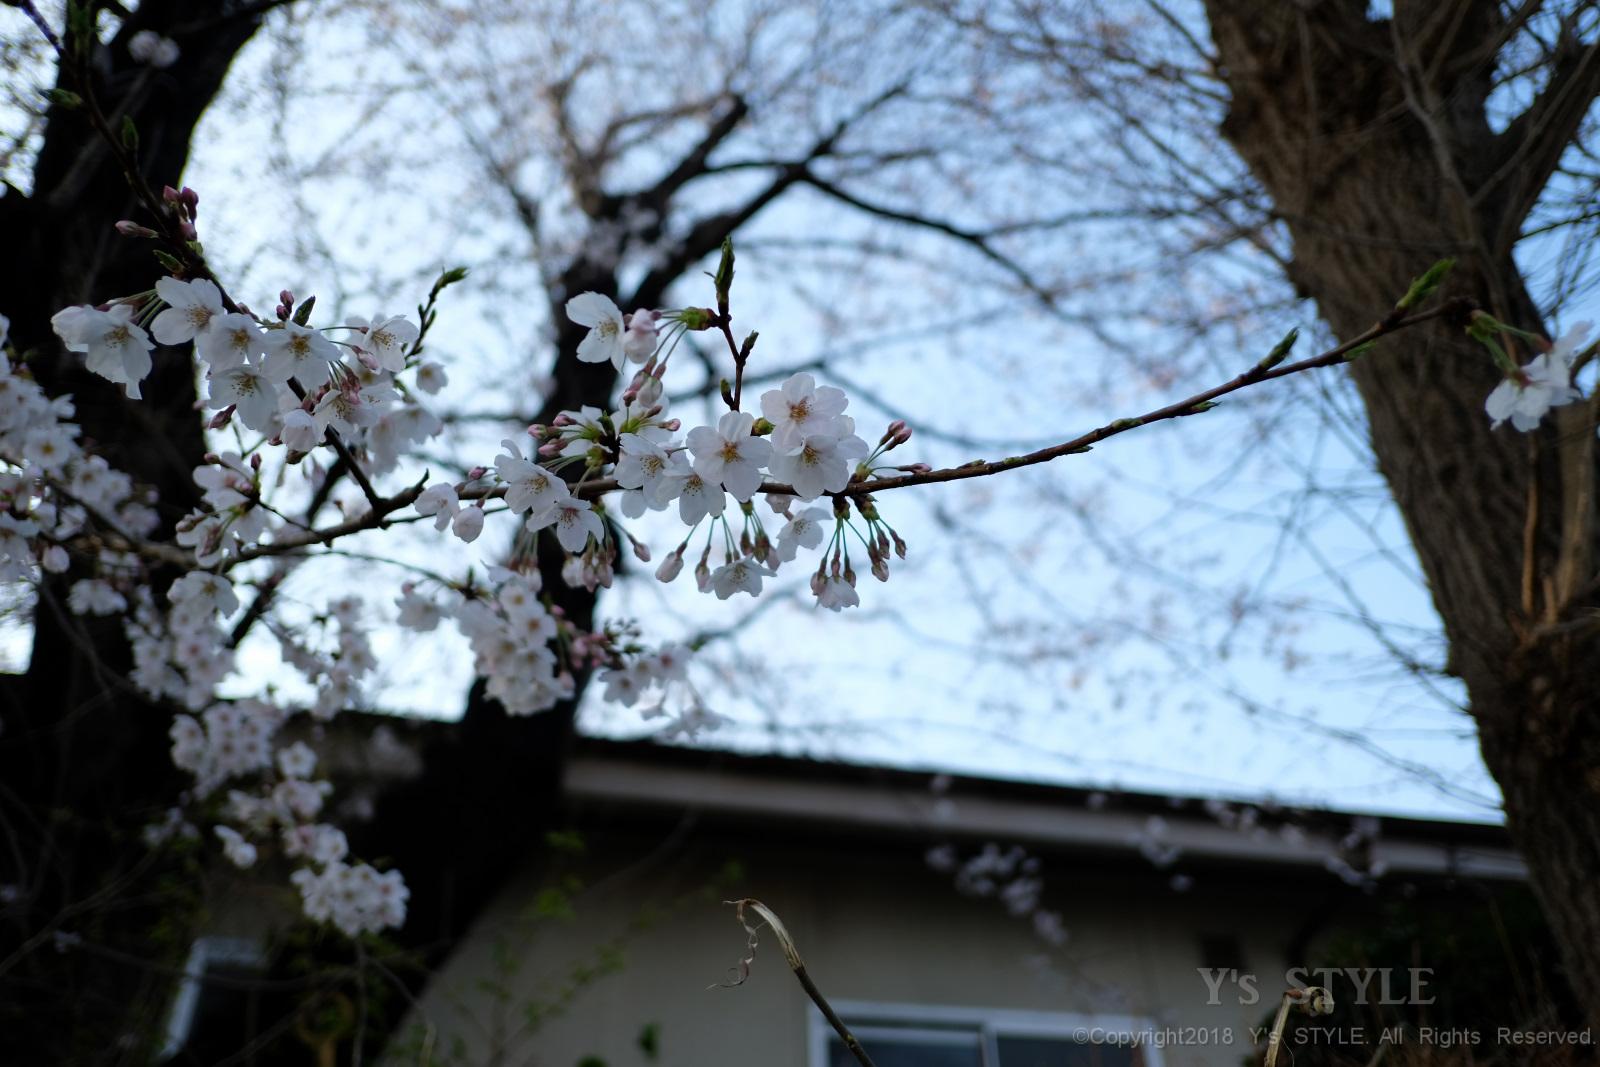 横浜 大池公園に花見に行ってきました。